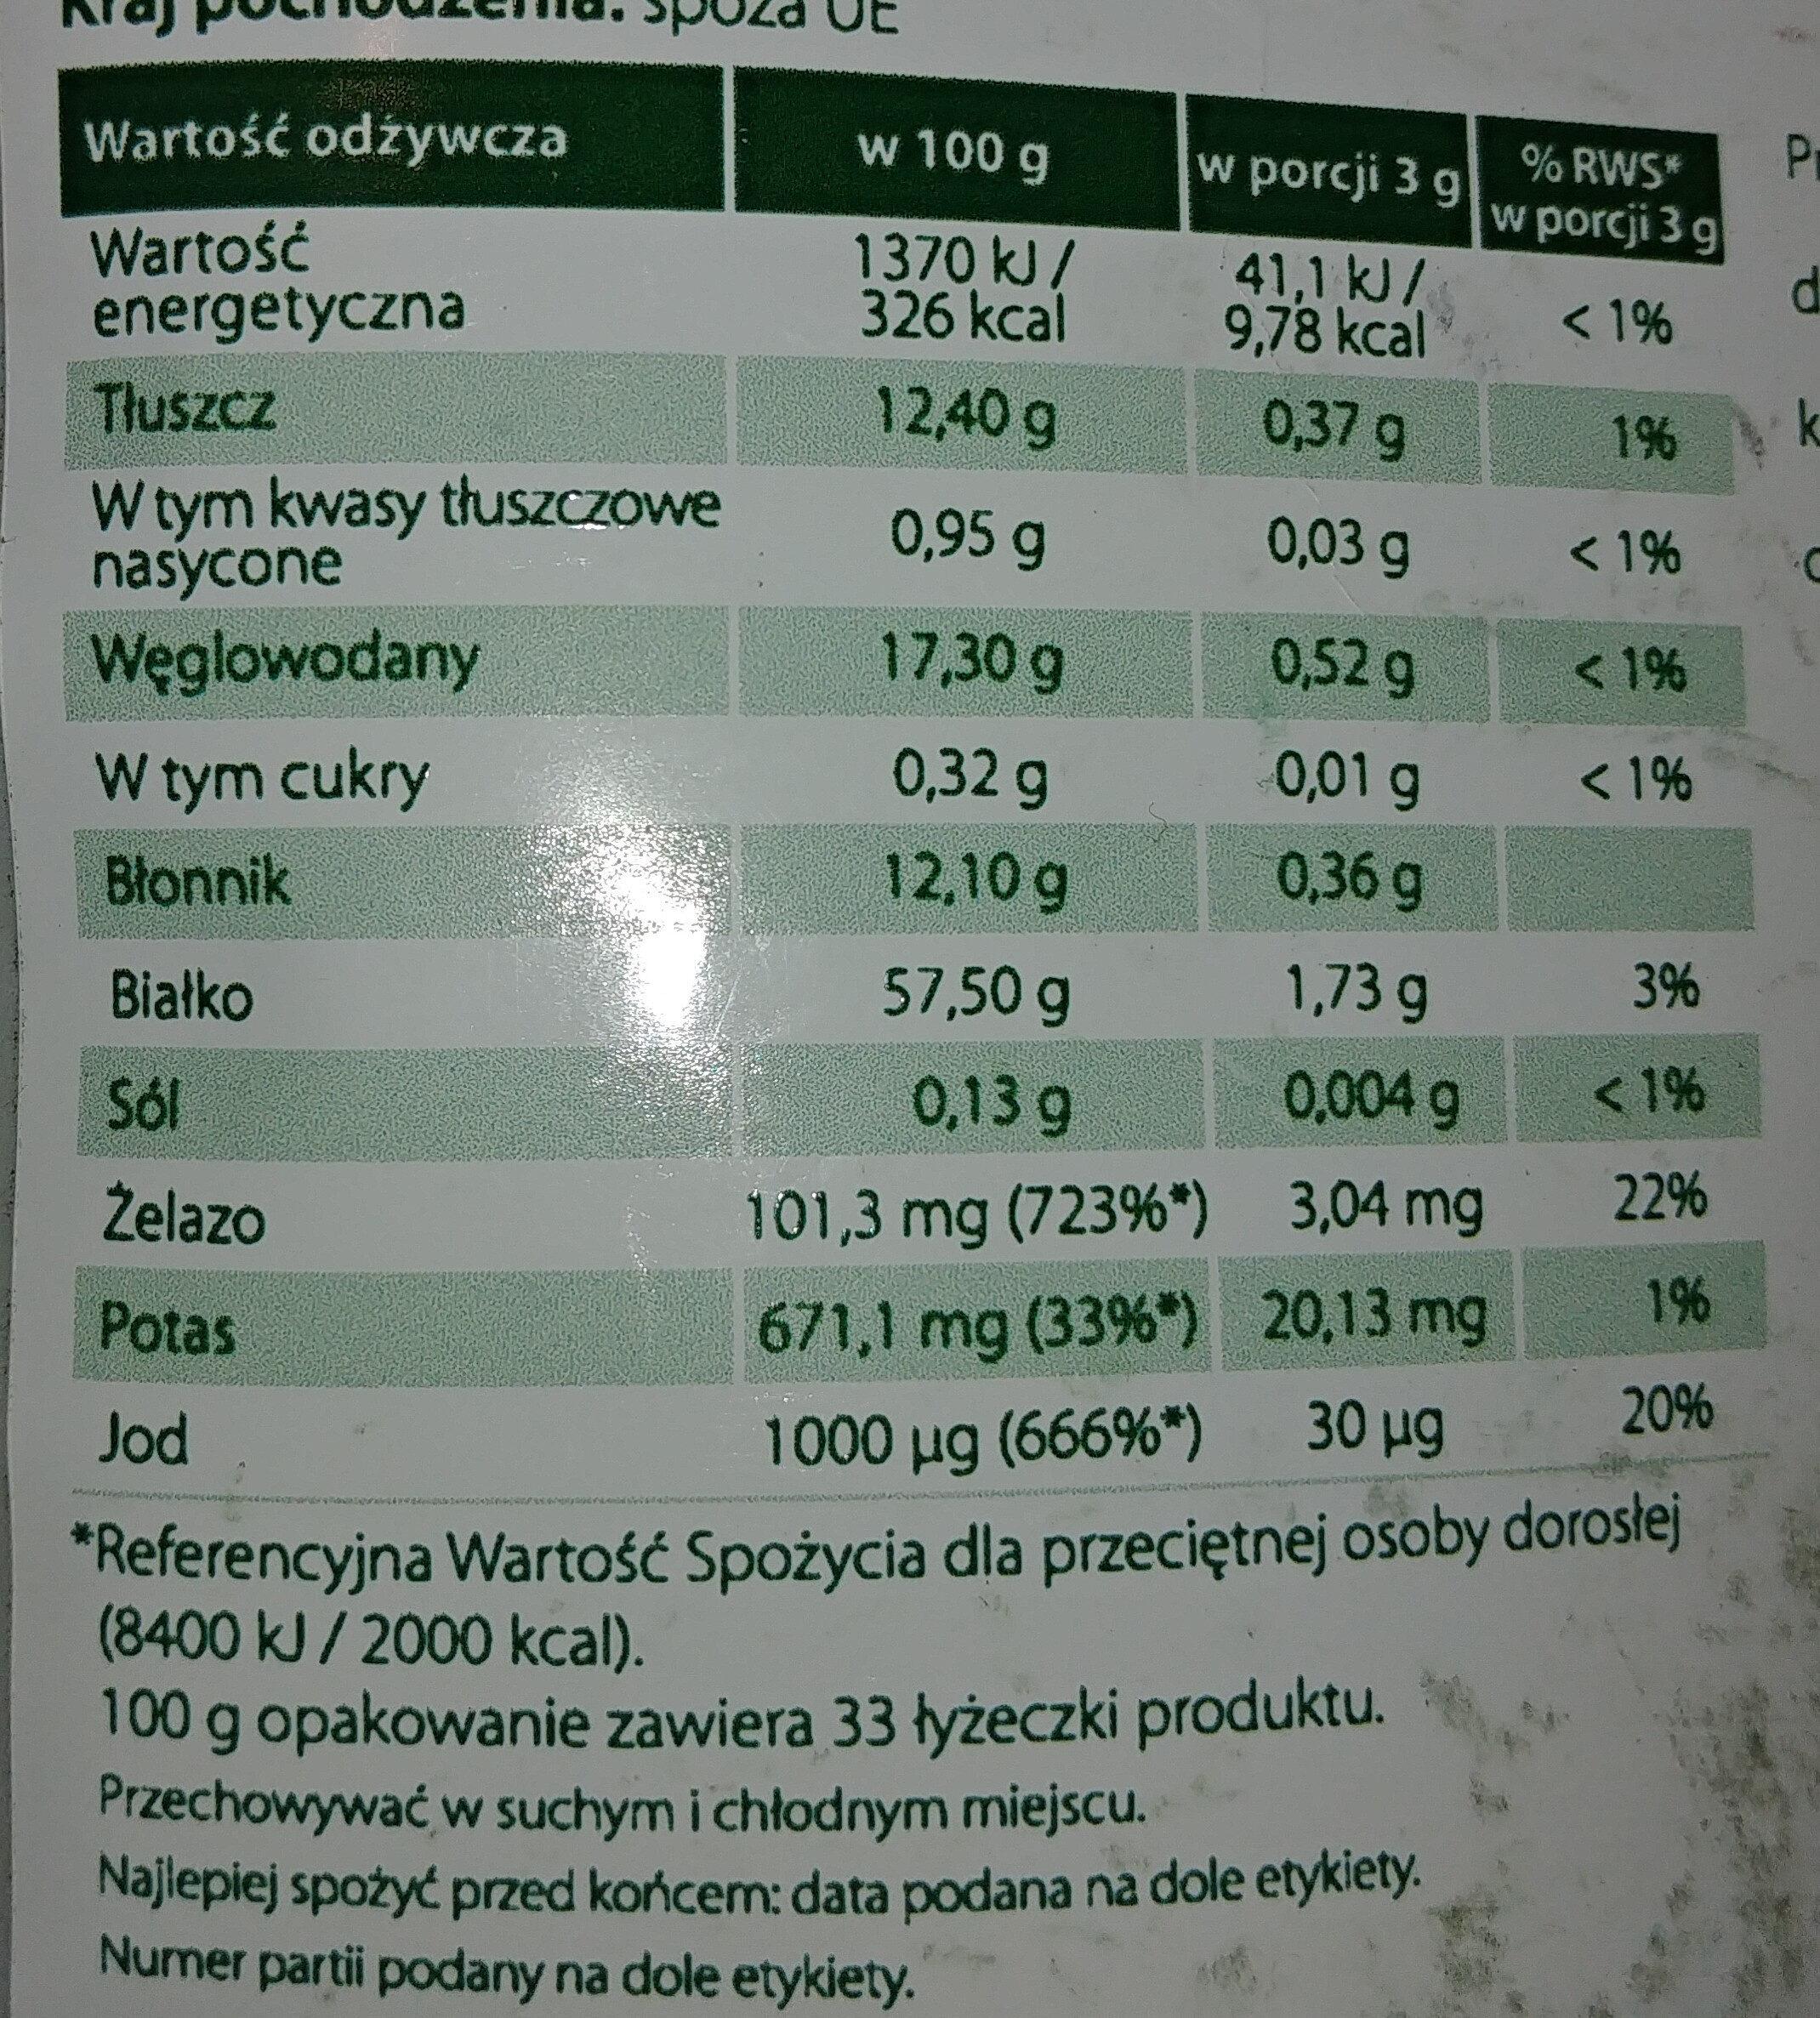 Chlorella - Wartości odżywcze